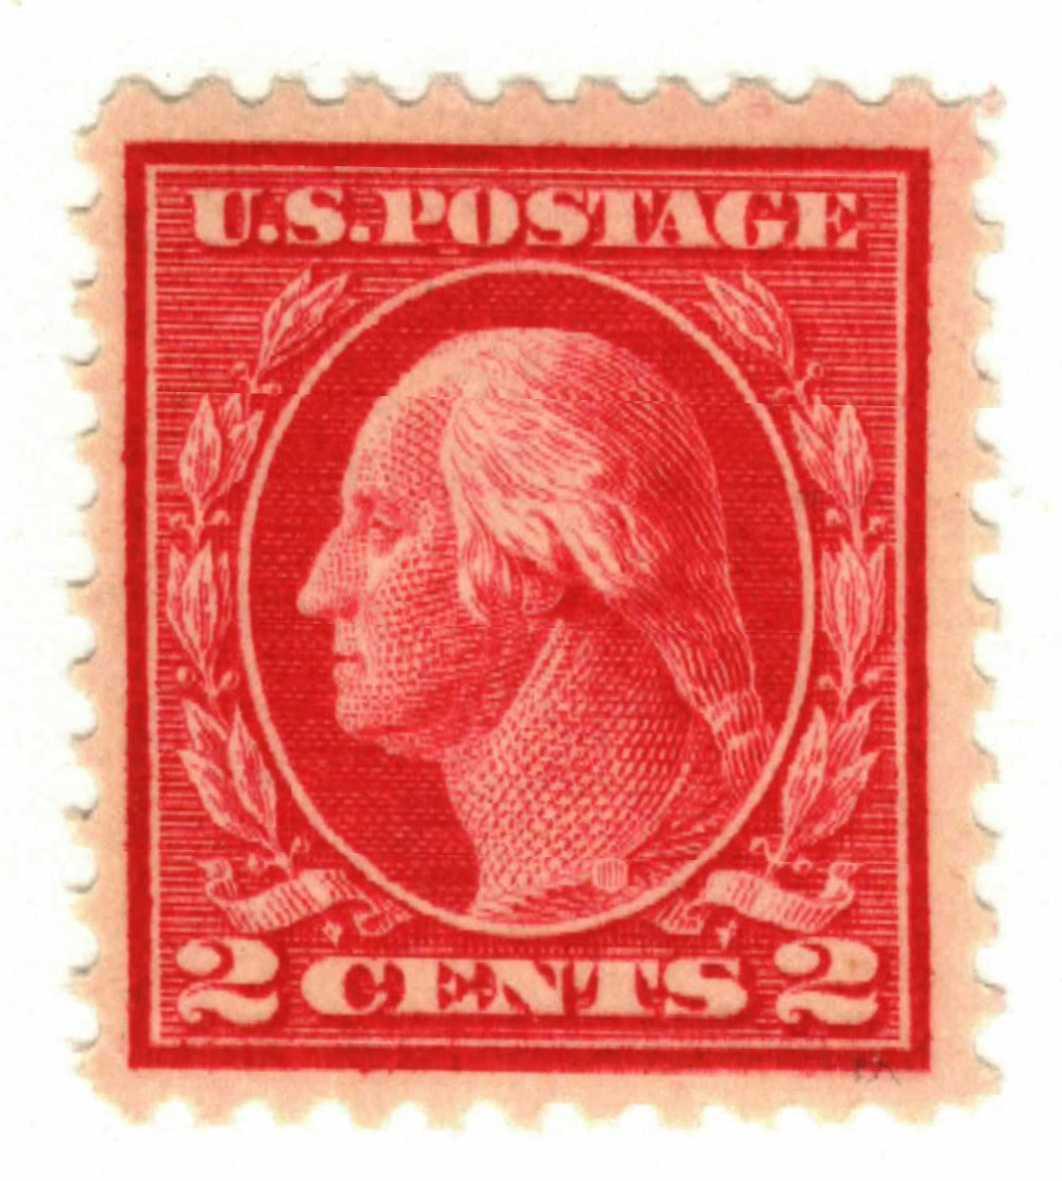 1917 2c Washington, rose, type I